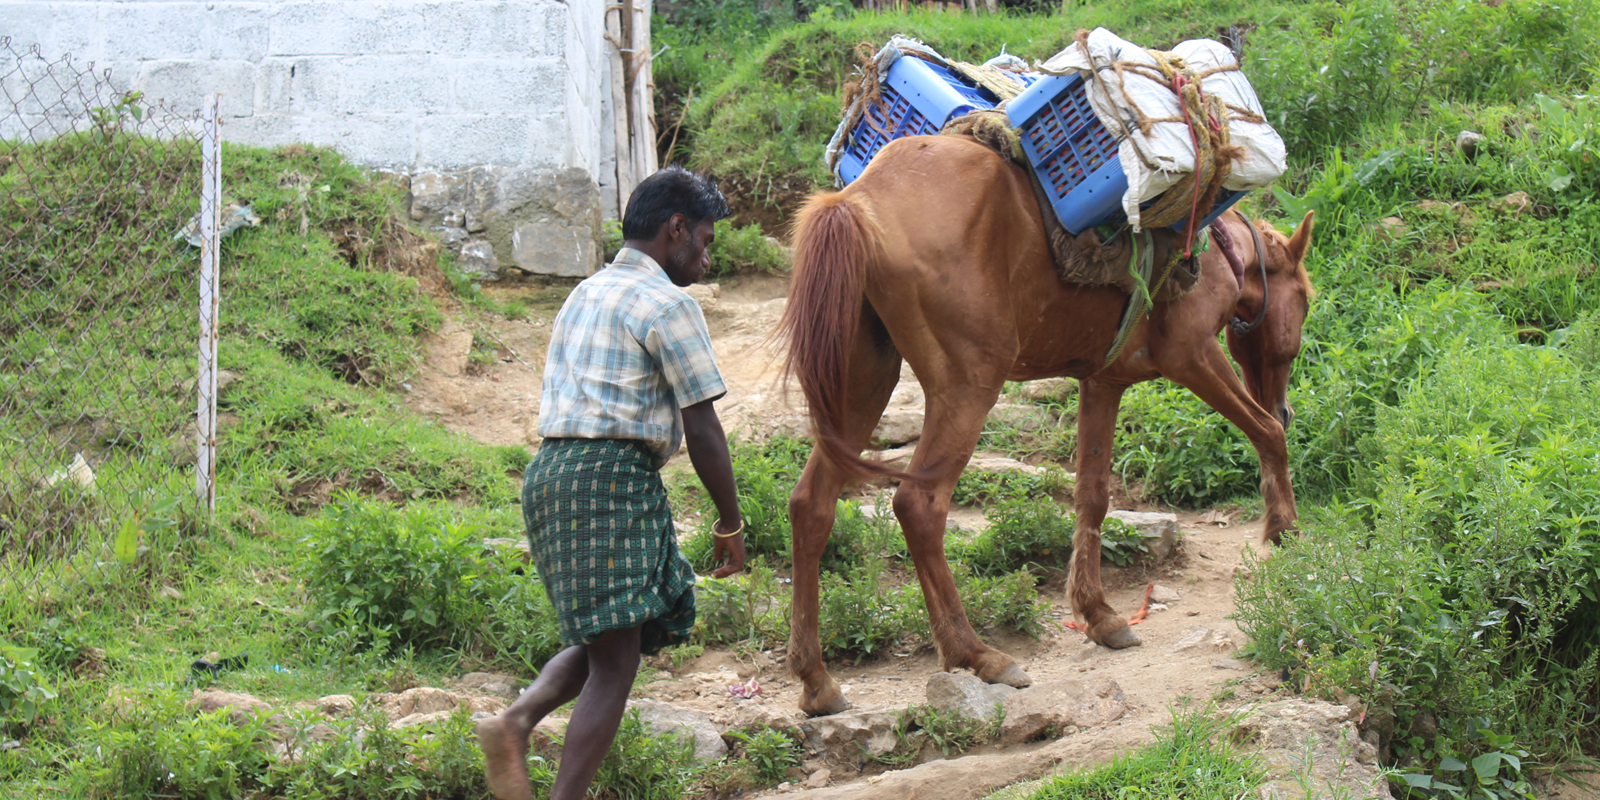 Pferde werden in Indien in erster Linie als Lasten- oder Kutschpferde eingesetzt